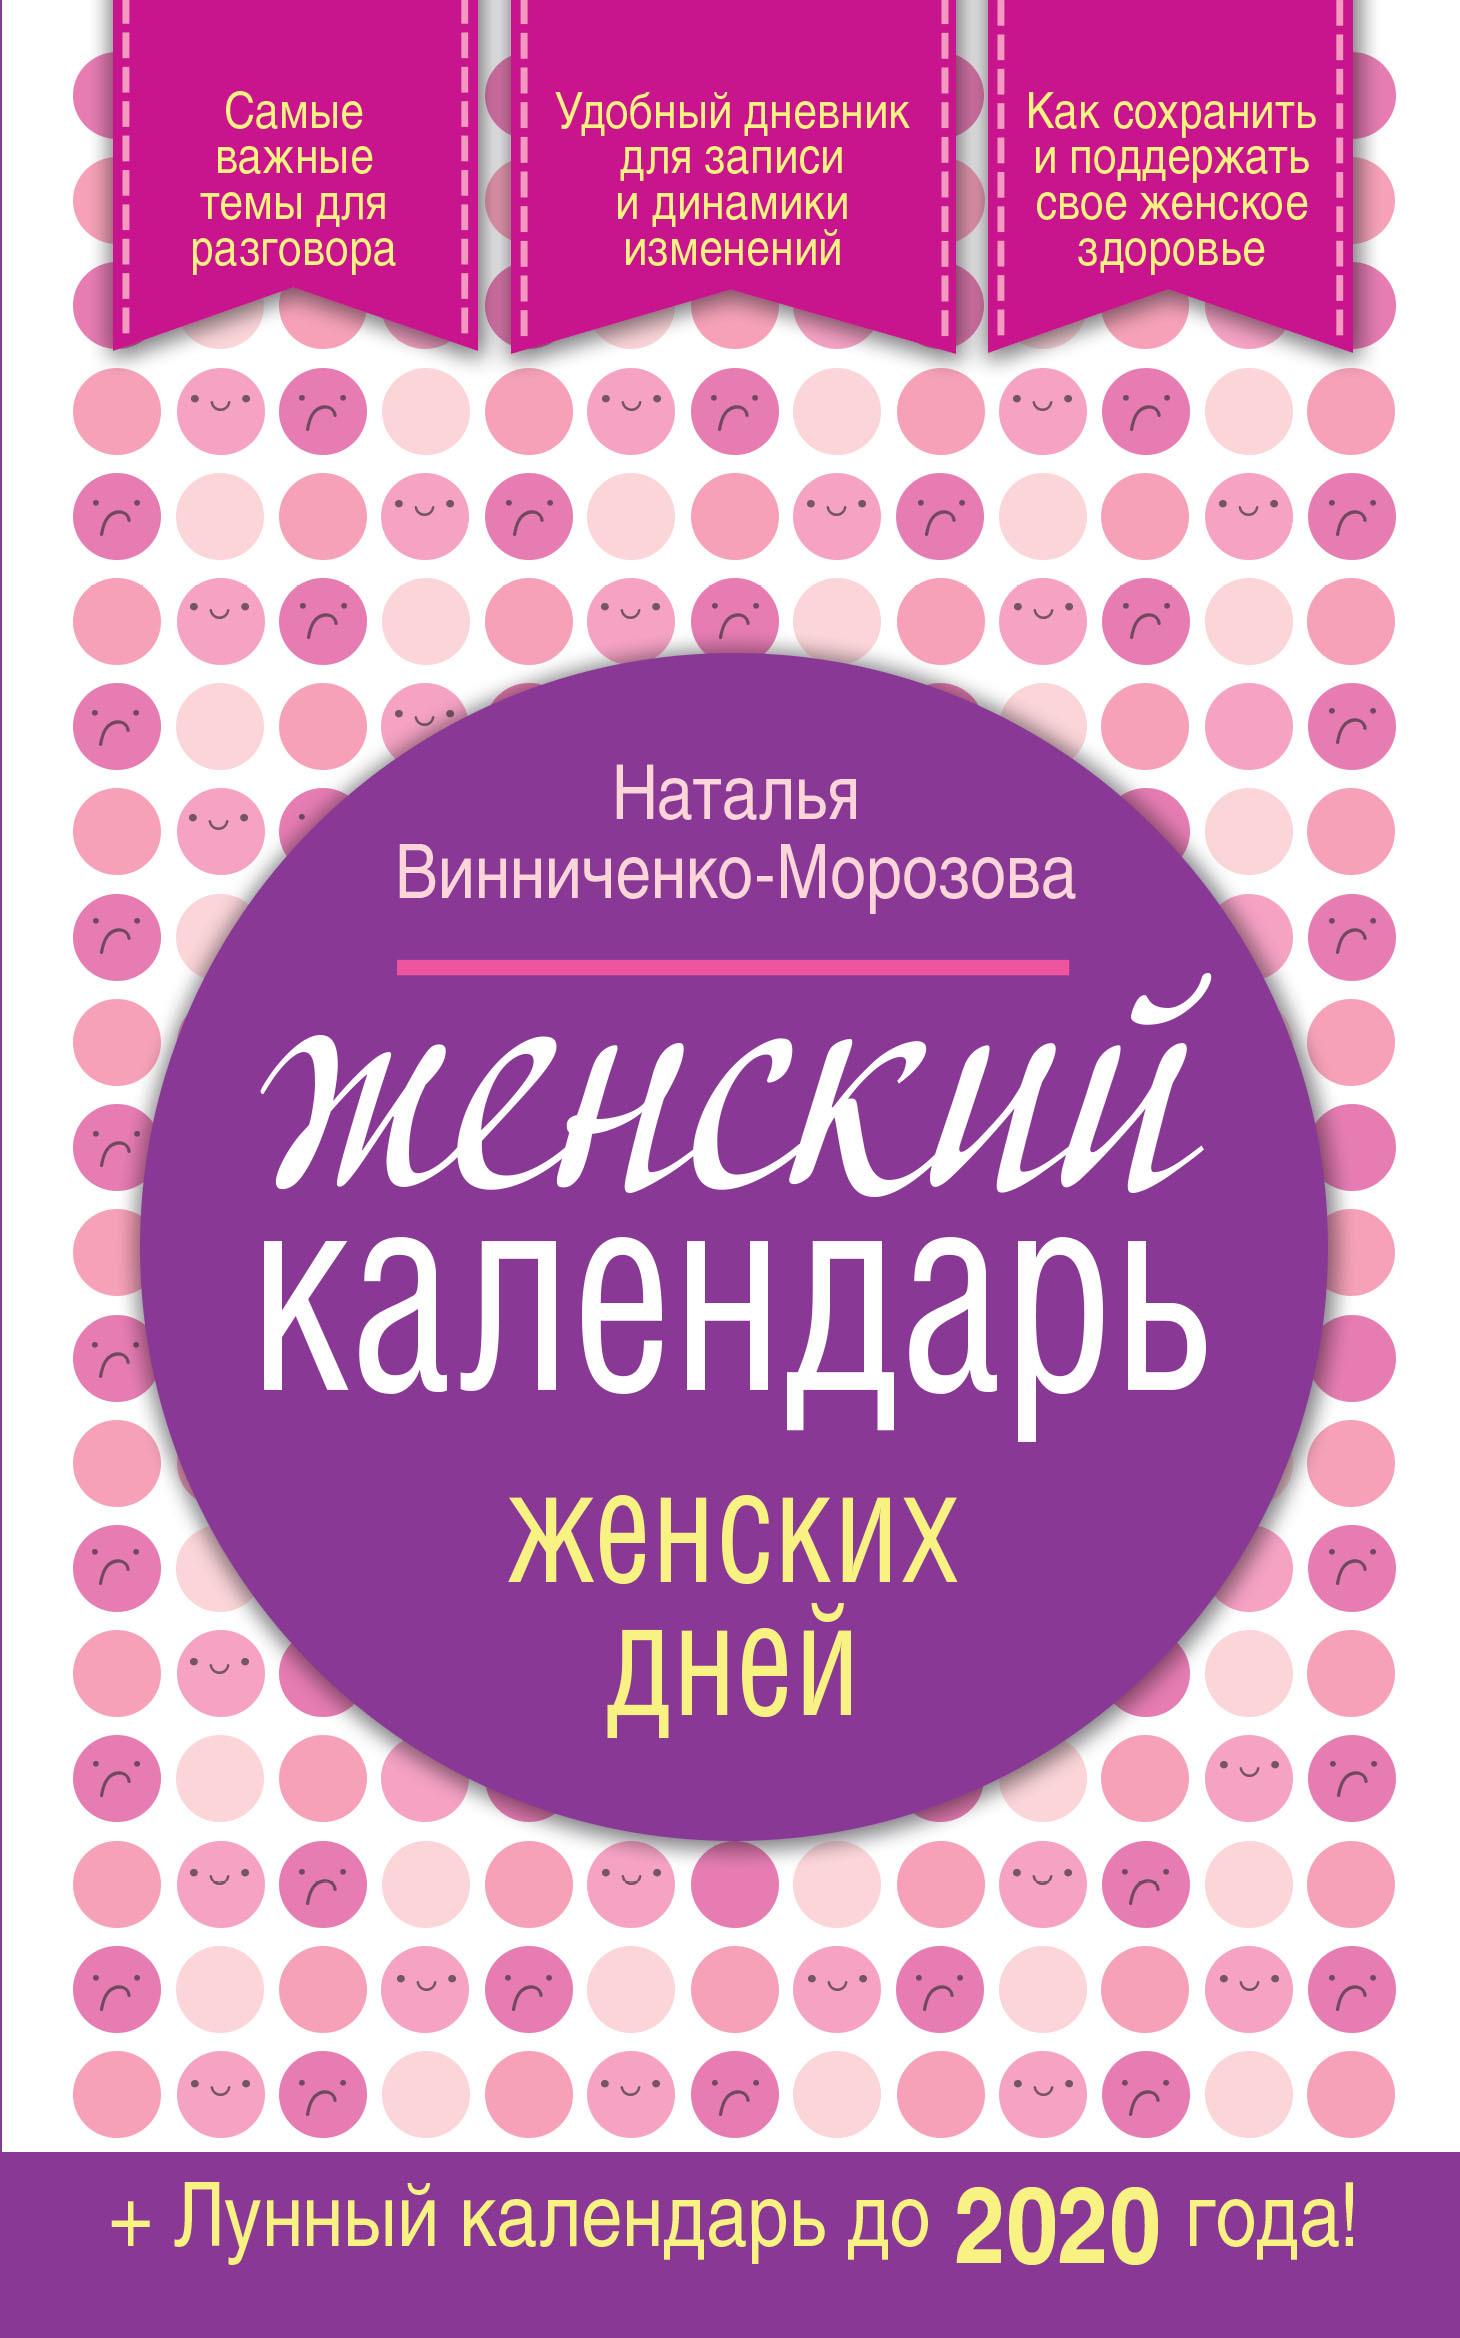 Женский календарь картинка